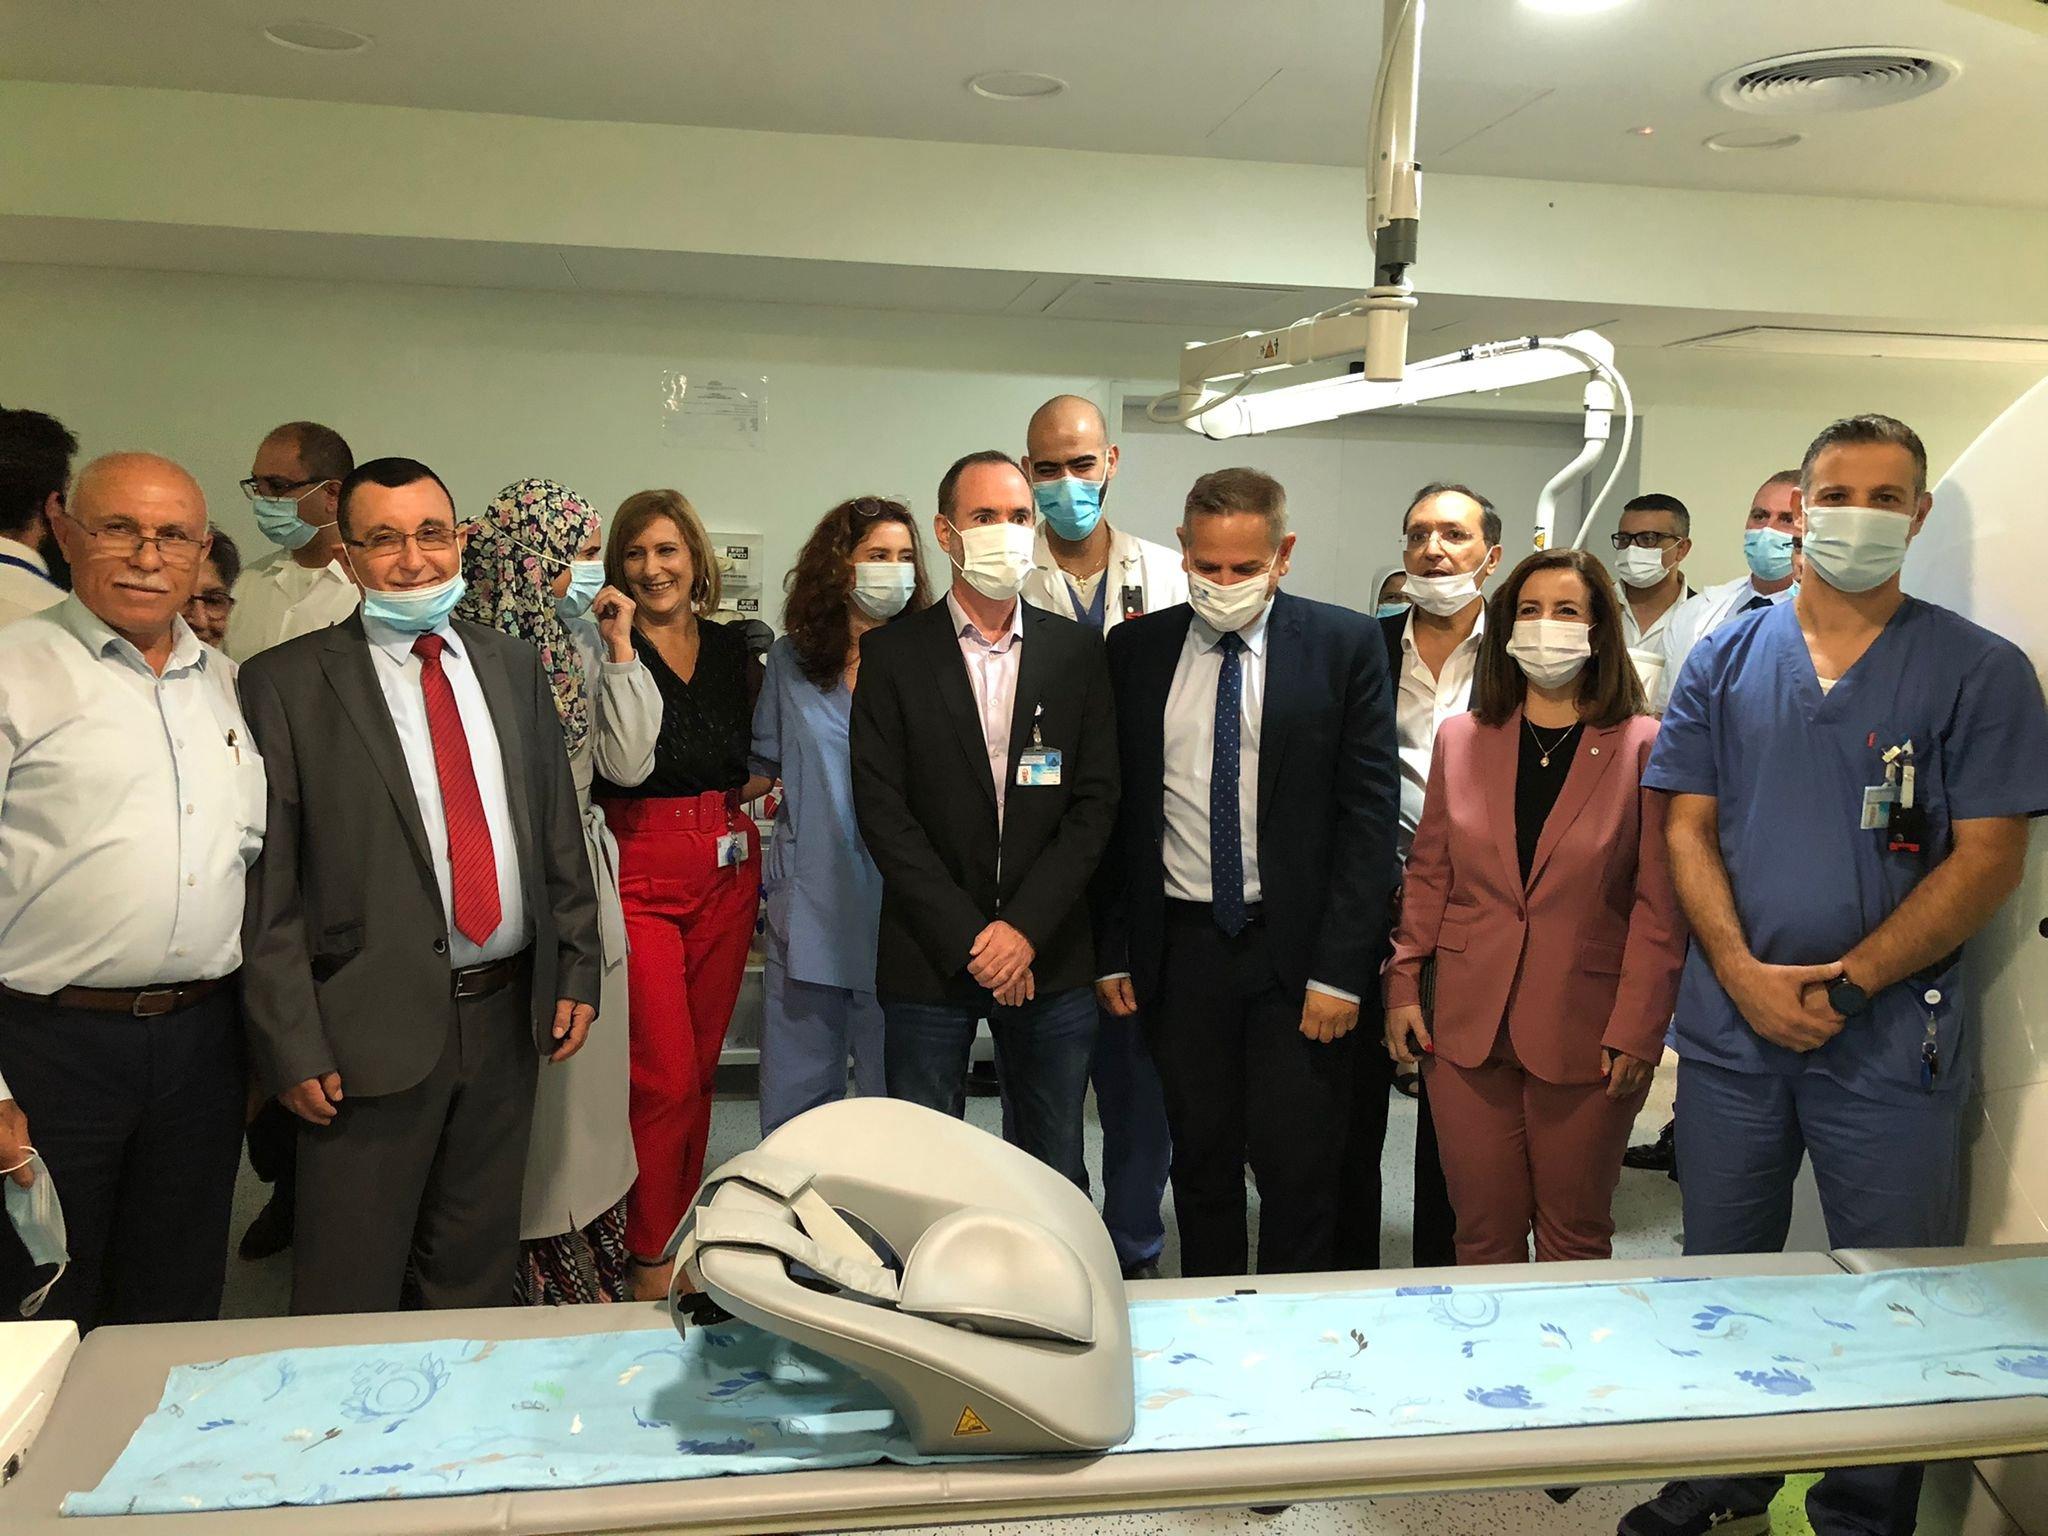 """وعد بدعم كبير لمستشفيات المدينة.. وزير الصحة في الناصرة يتحدث لـ""""بكرا""""، وهذا ما قاله عن """"الكنابيس""""-11"""